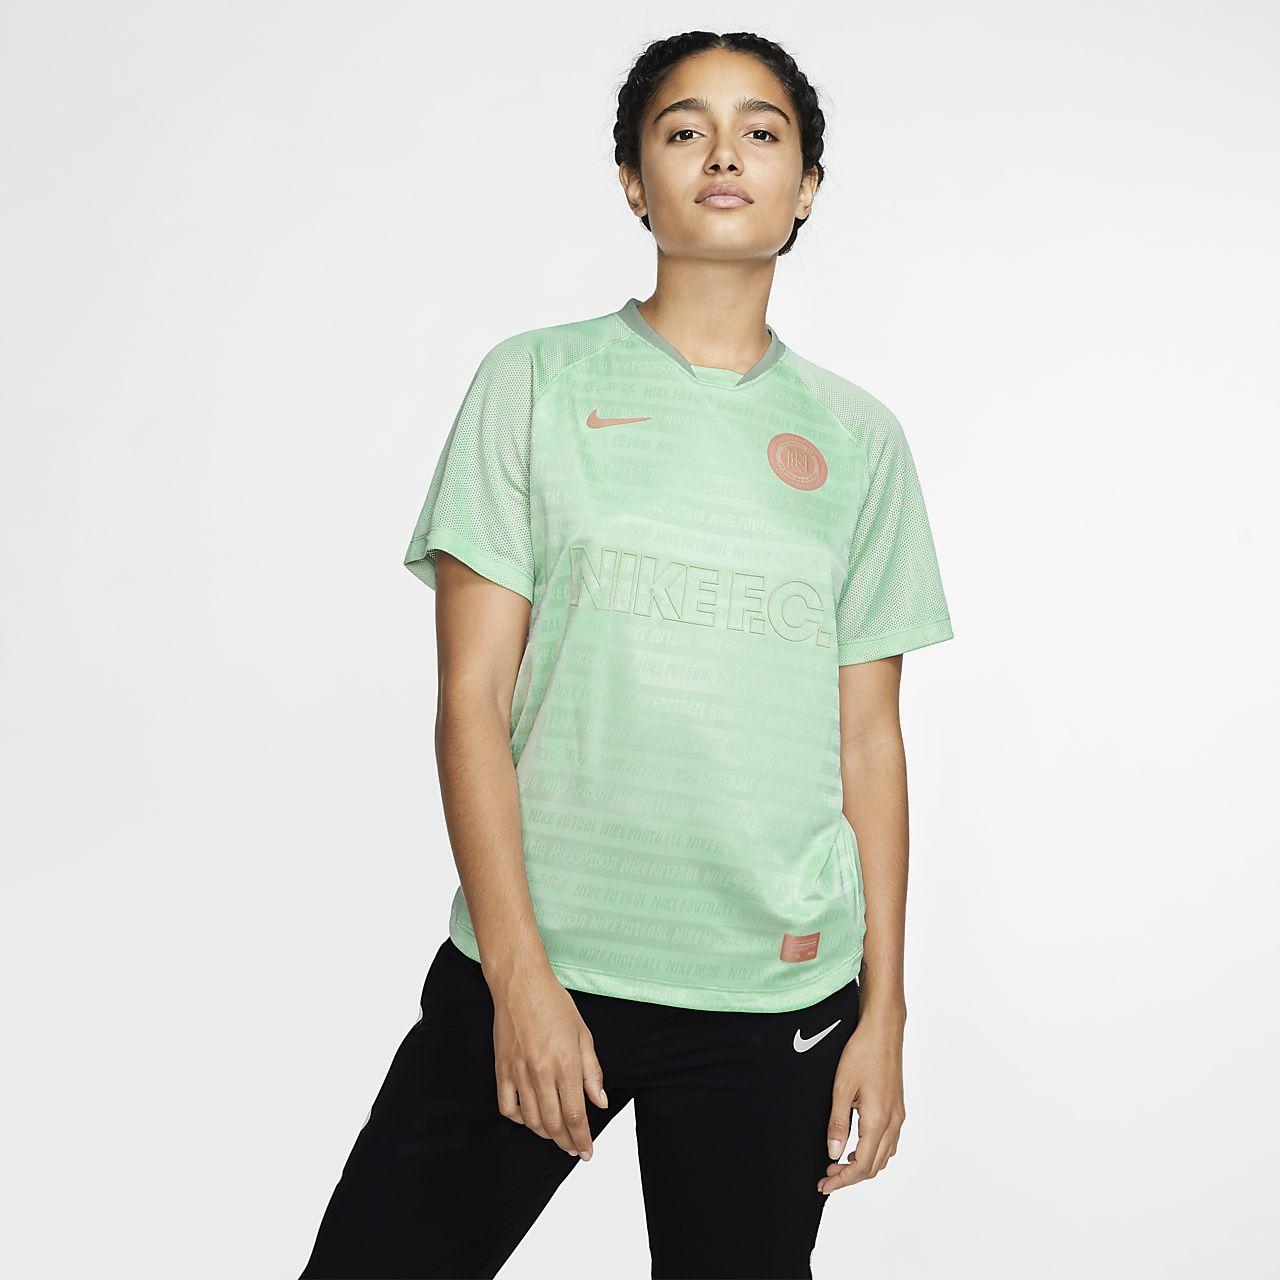 Γυναικεία ποδοσφαιρική φανέλα Nike F.C. Dri-FIT